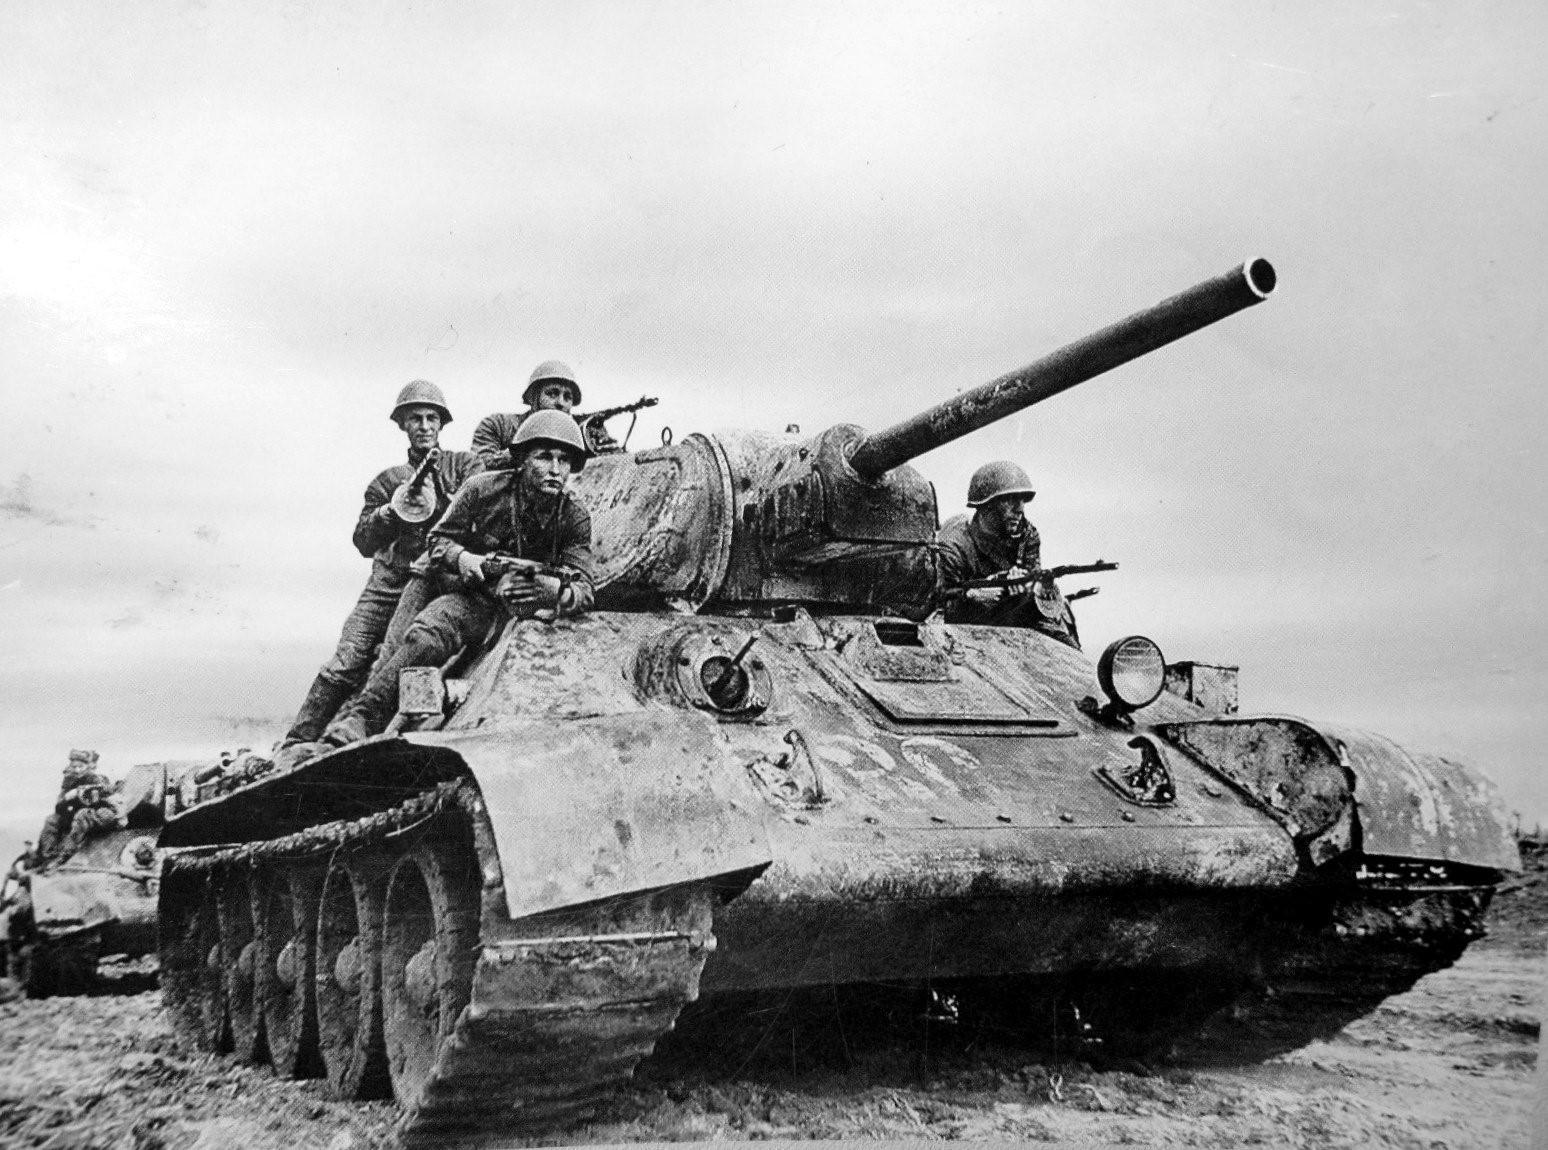 Солдаты едут на Т-34